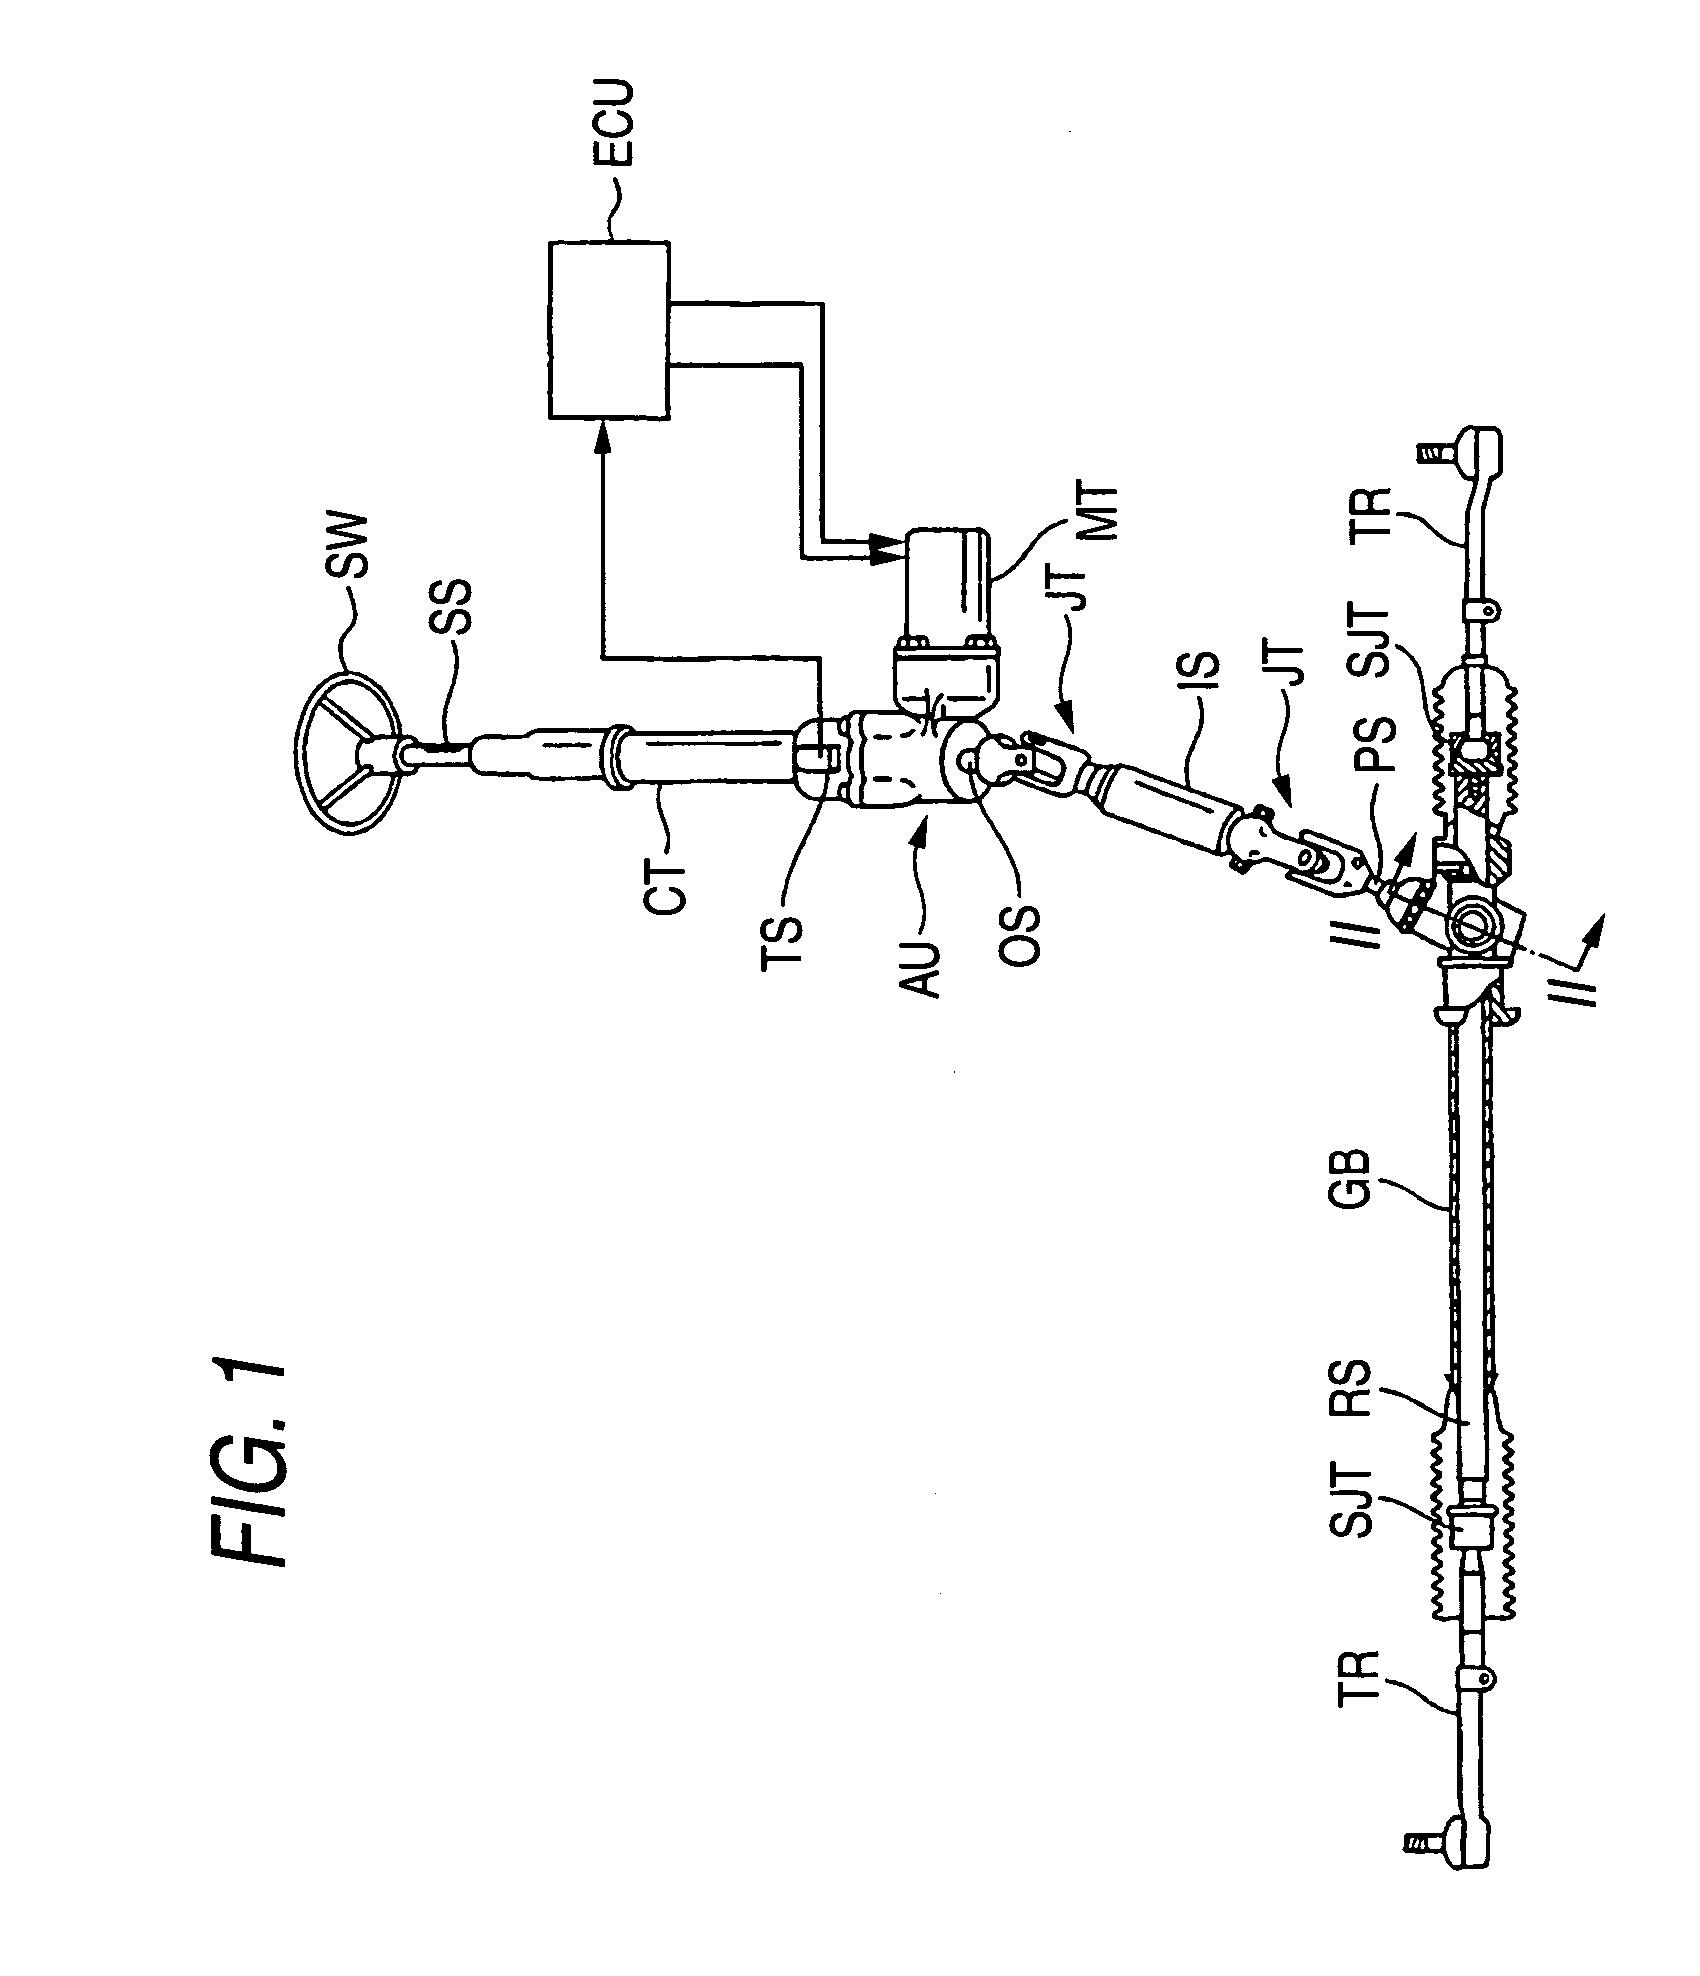 honda electric power steering wiring diagram